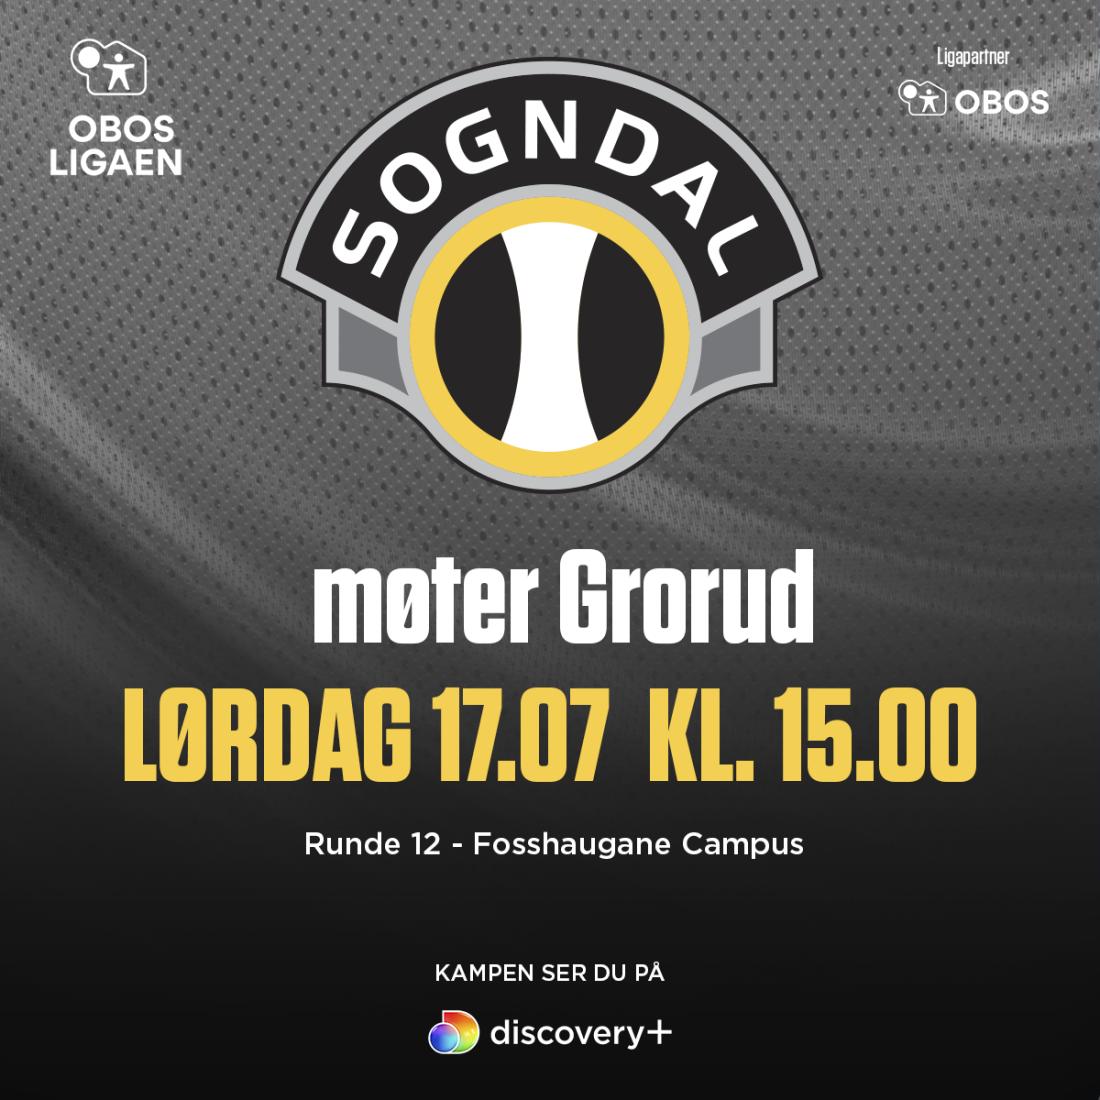 Sogndal_runde_12.png